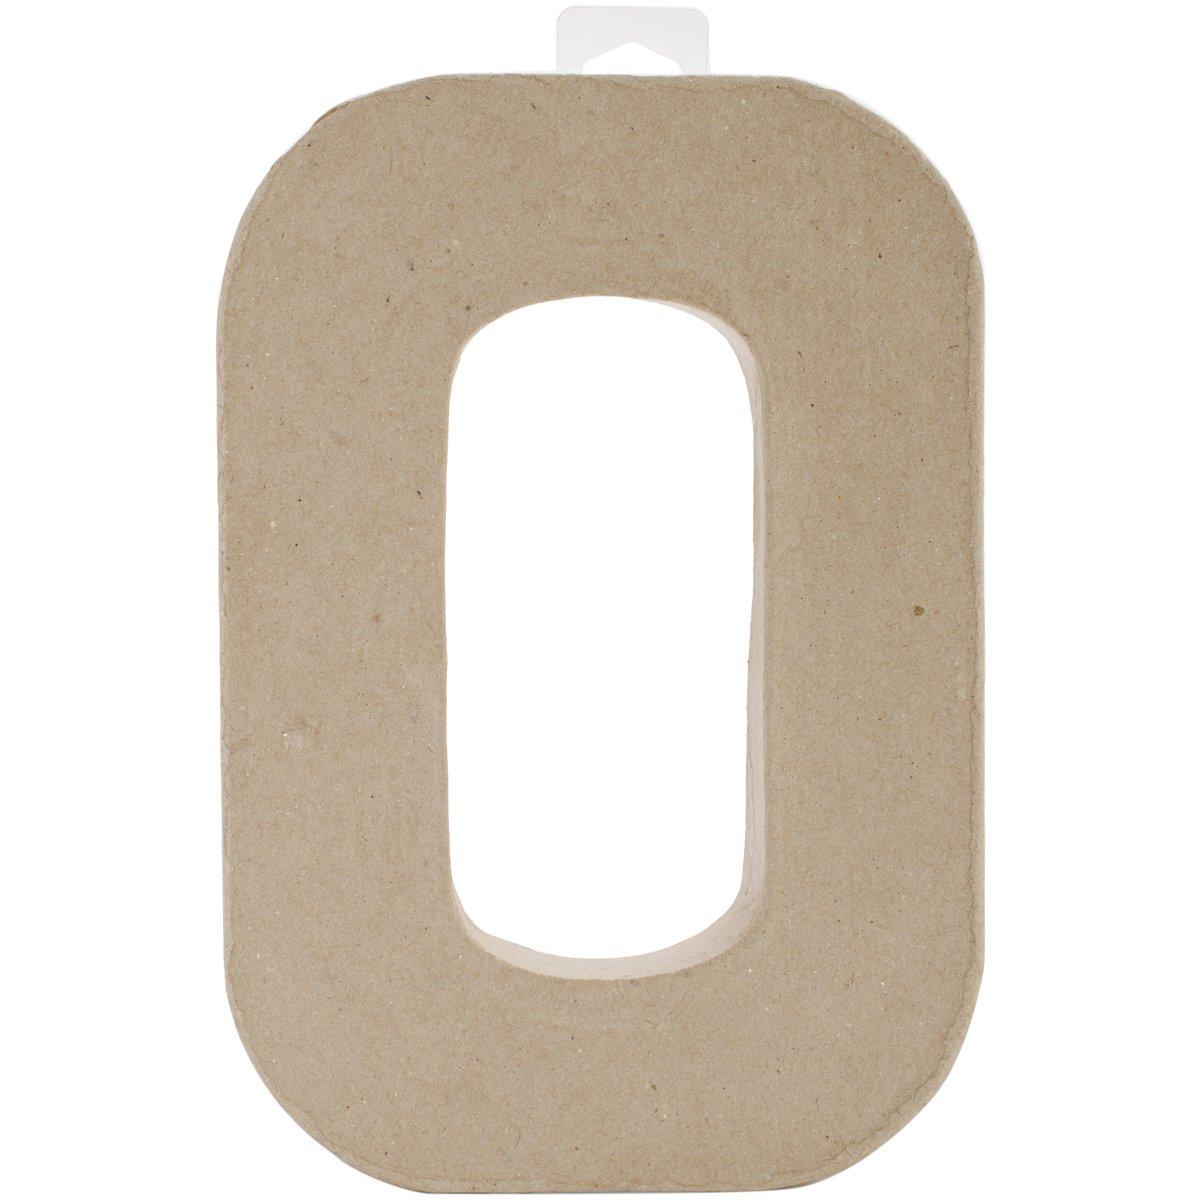 Darice Paper Mache Letter - O - 8 x 5.5 x 1 inches 2862-O